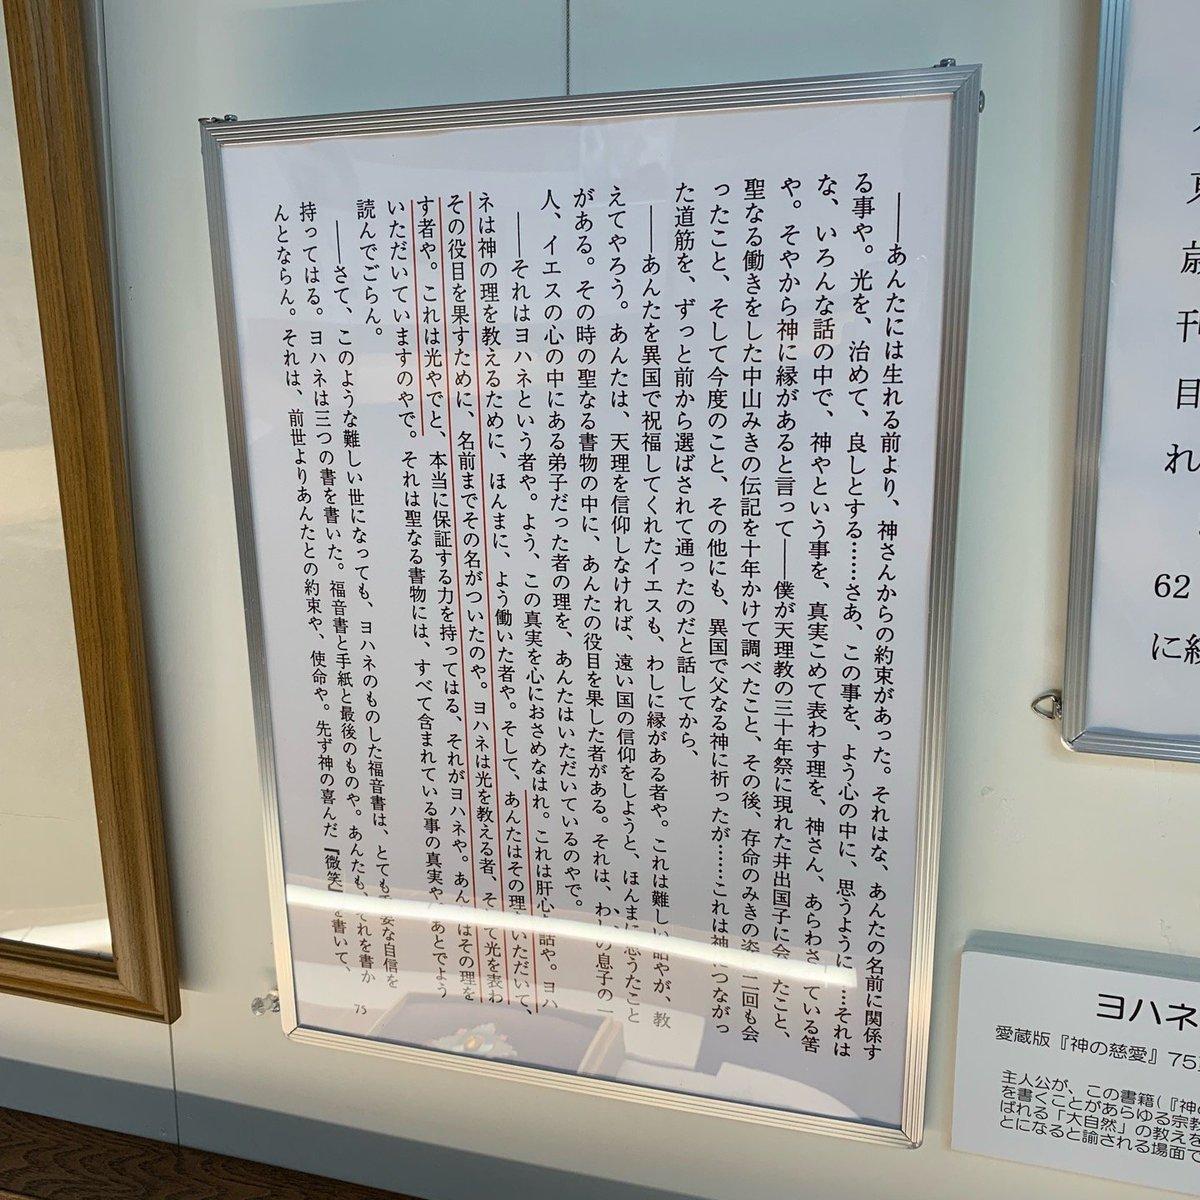 沼津市芹沢光治良記念館(3)ヨハネ